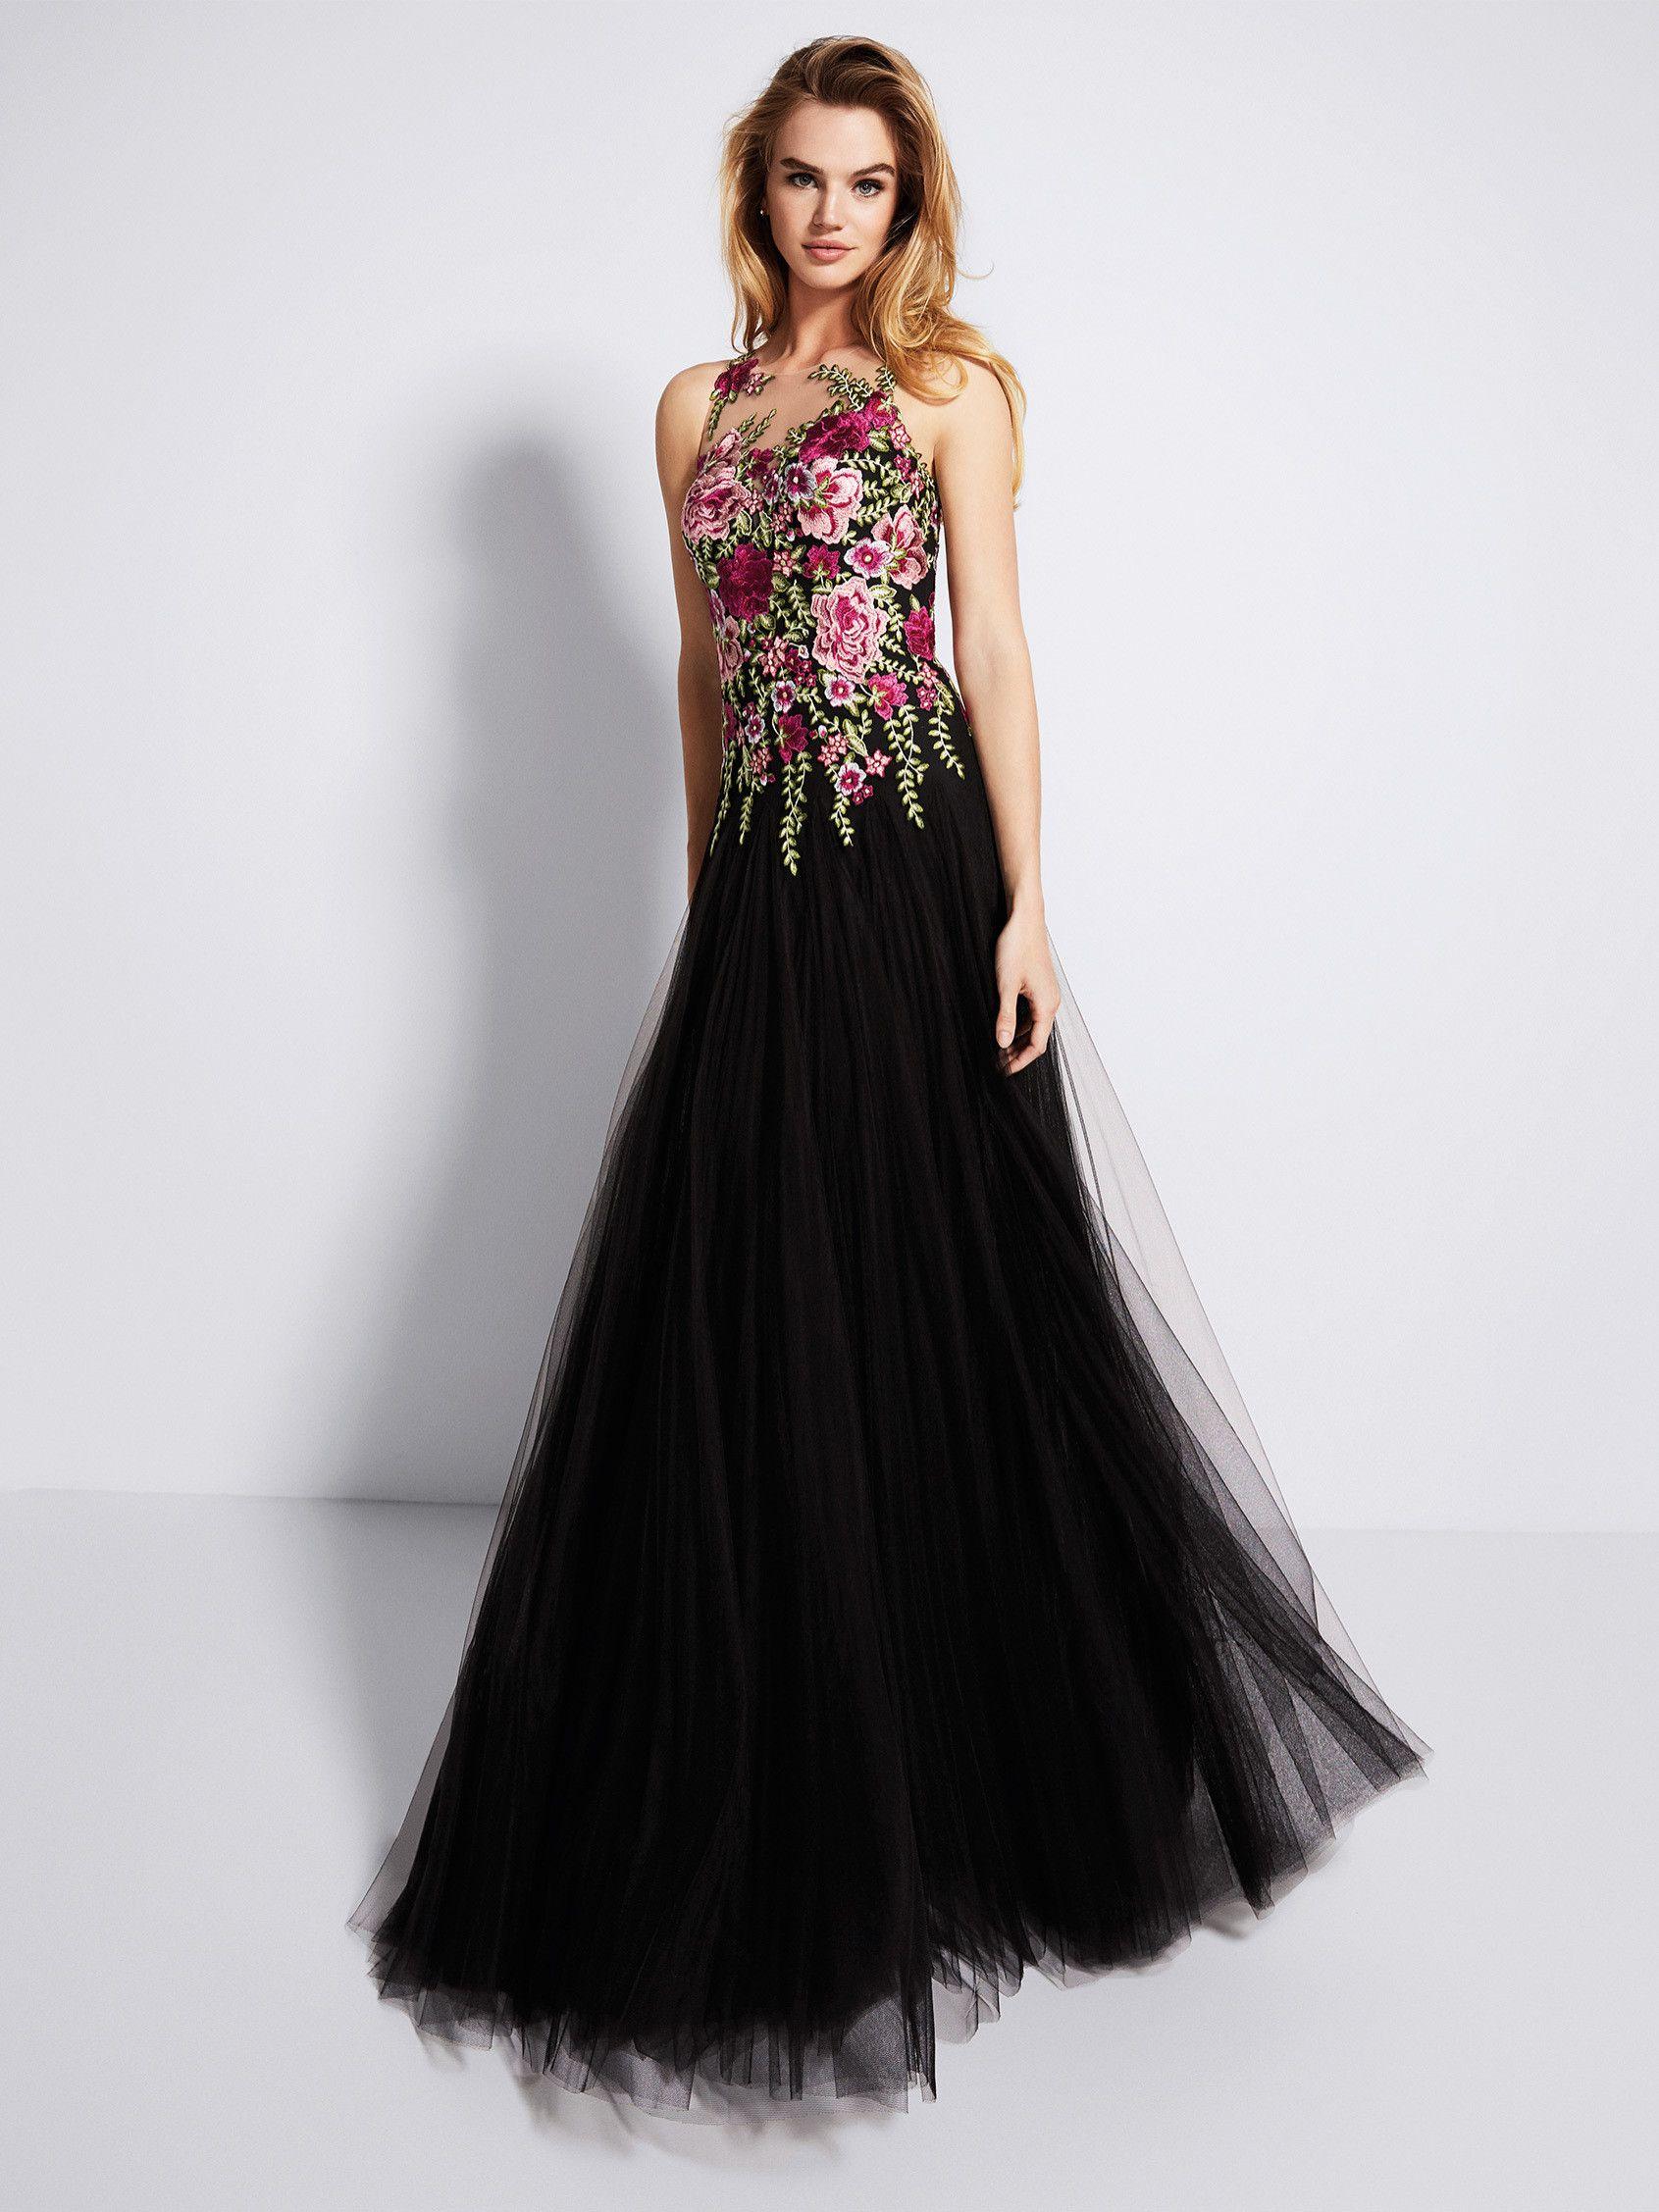 781914074 Vestido de fiesta negro con flores - Colección fiesta 2018 Pronovias ...